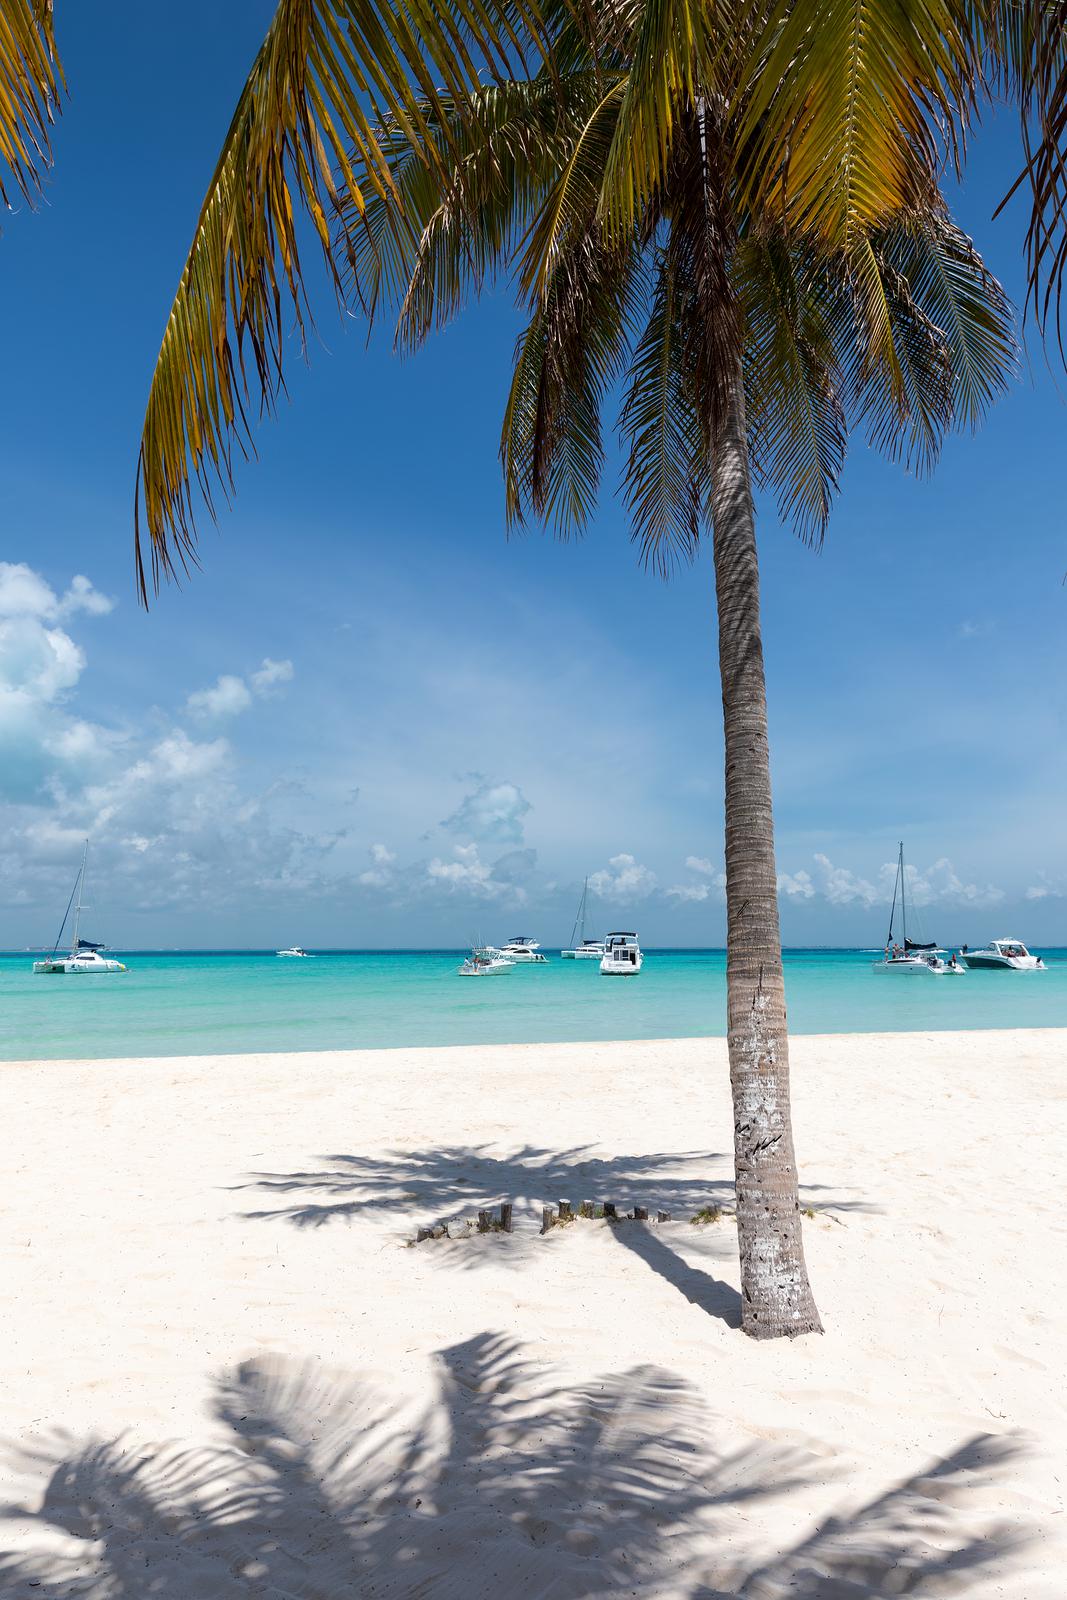 File:A beautiful beach in Cancun, Mexico.jpg - Wikimedia